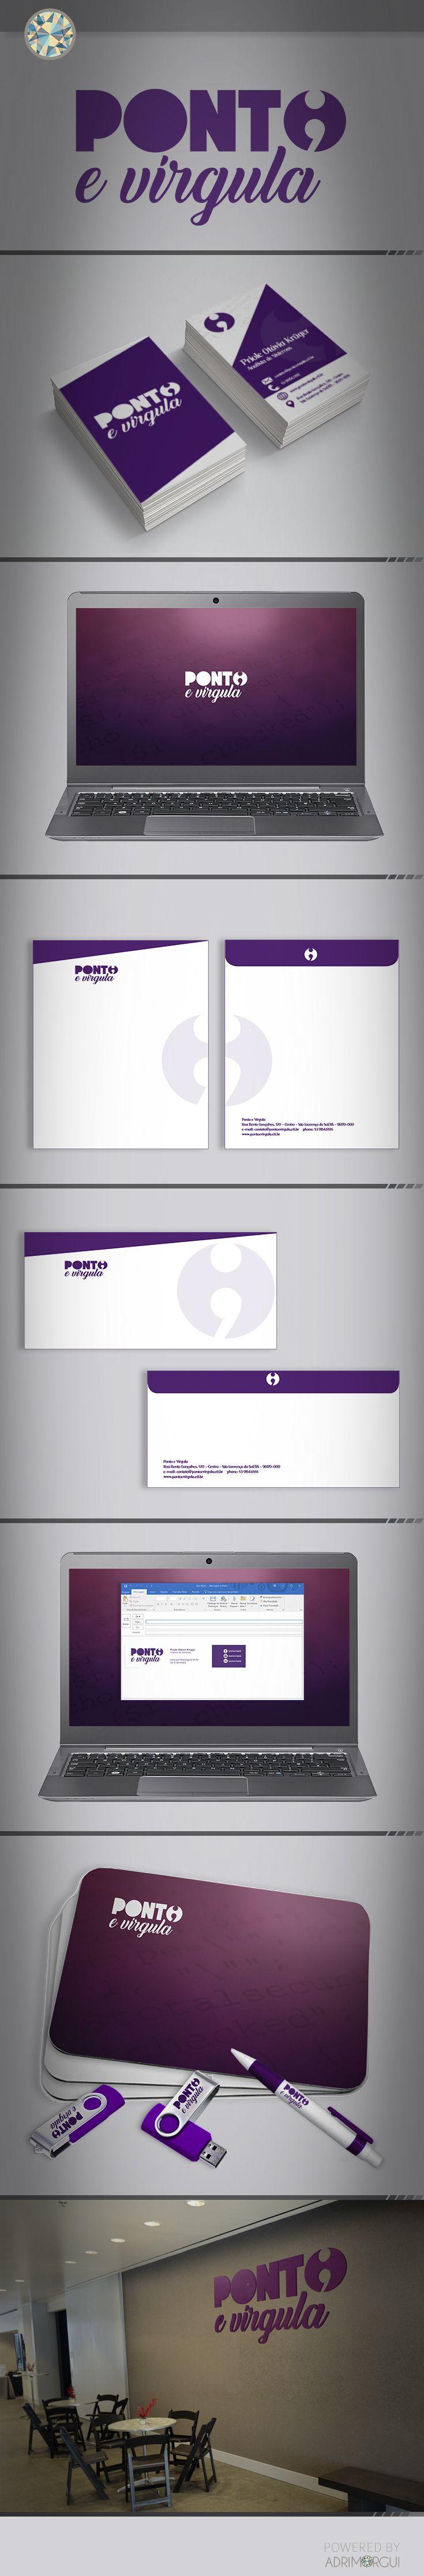 Projeto de Branding para Ponto e Vírgula.